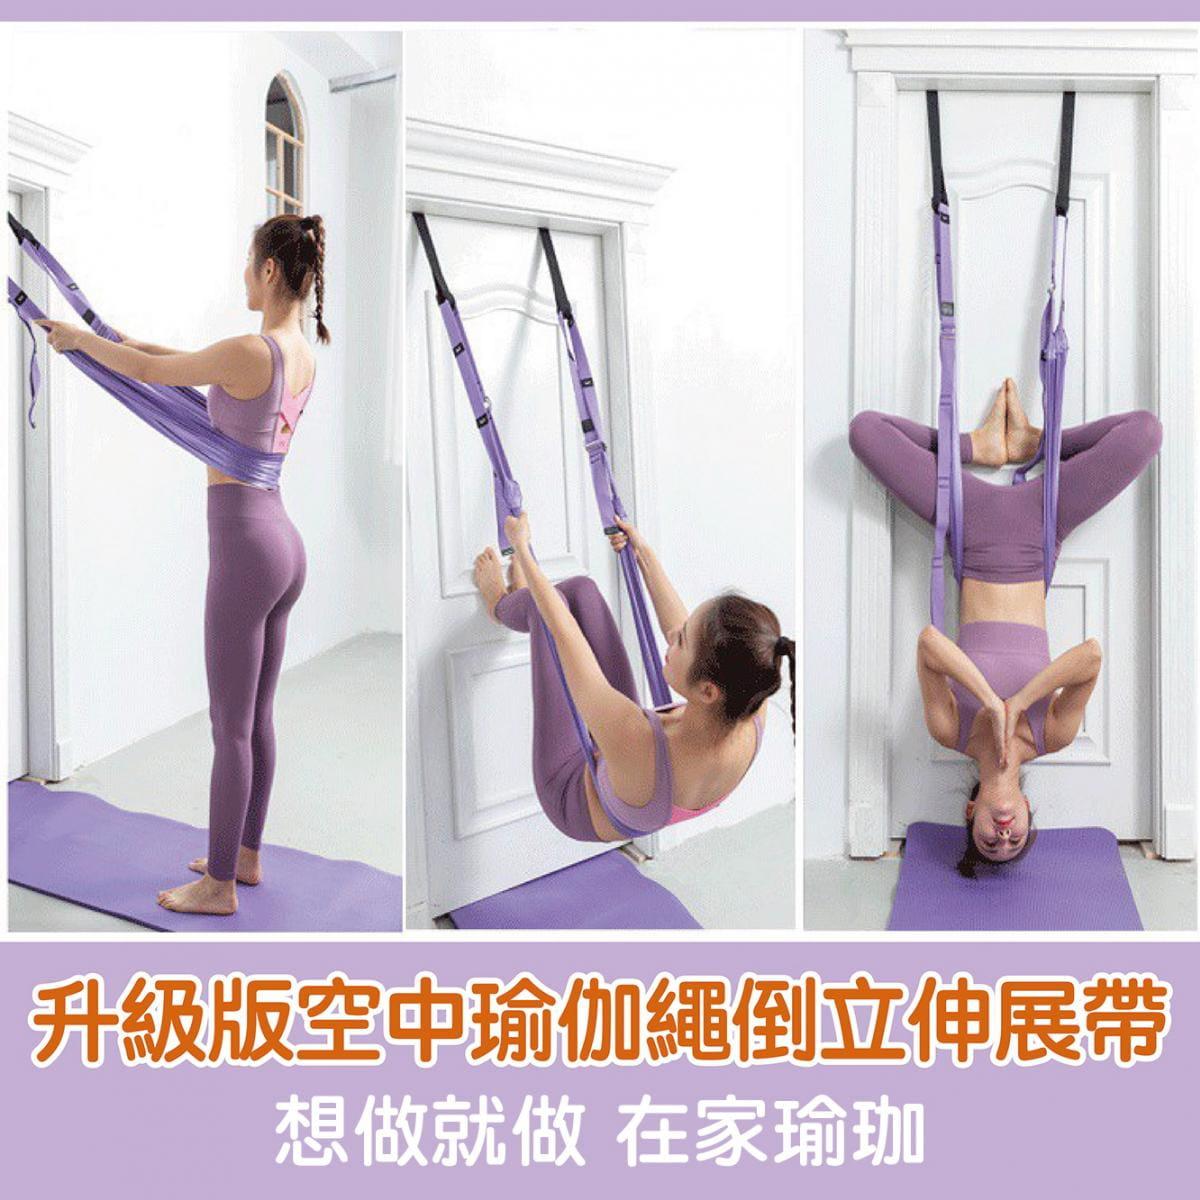 升級版空中瑜伽繩倒立伸展帶 0